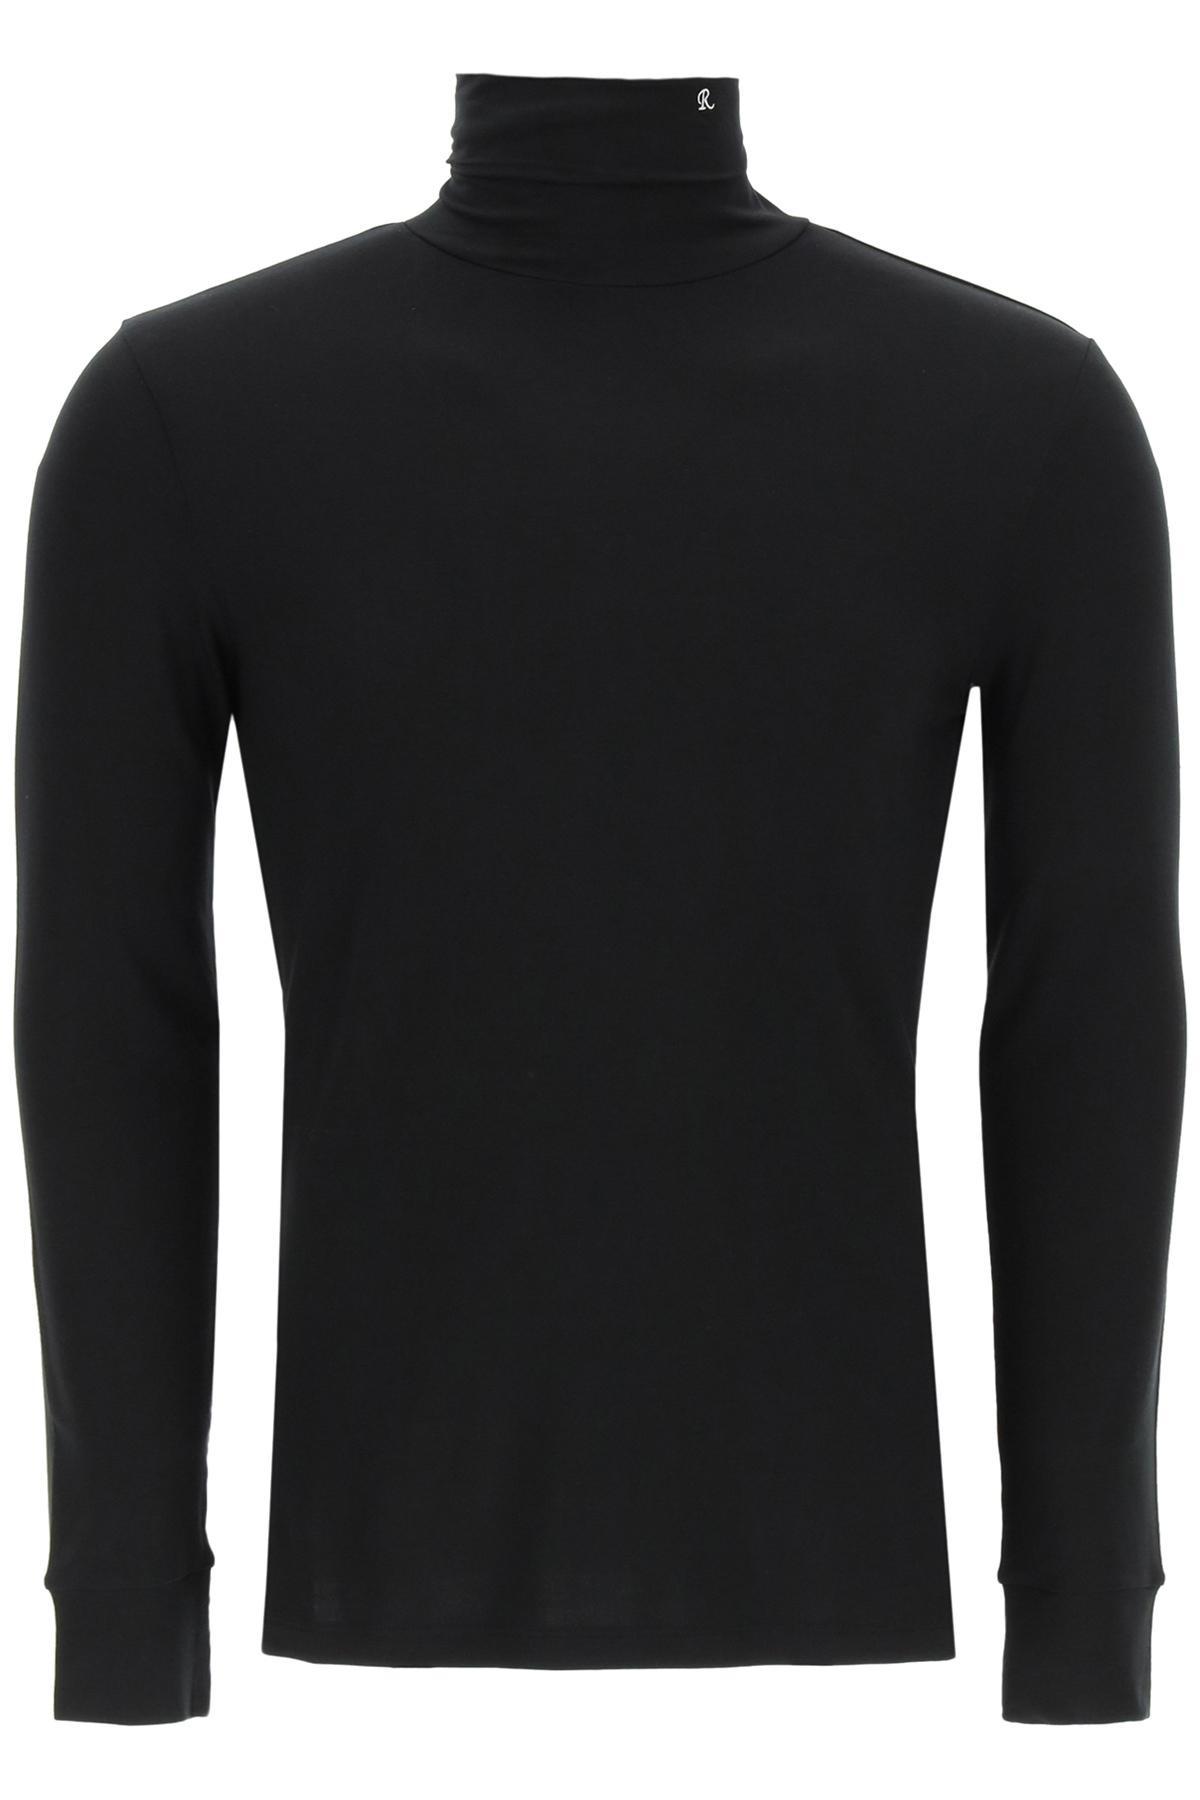 Raf simons maglia in jersey a collo alto